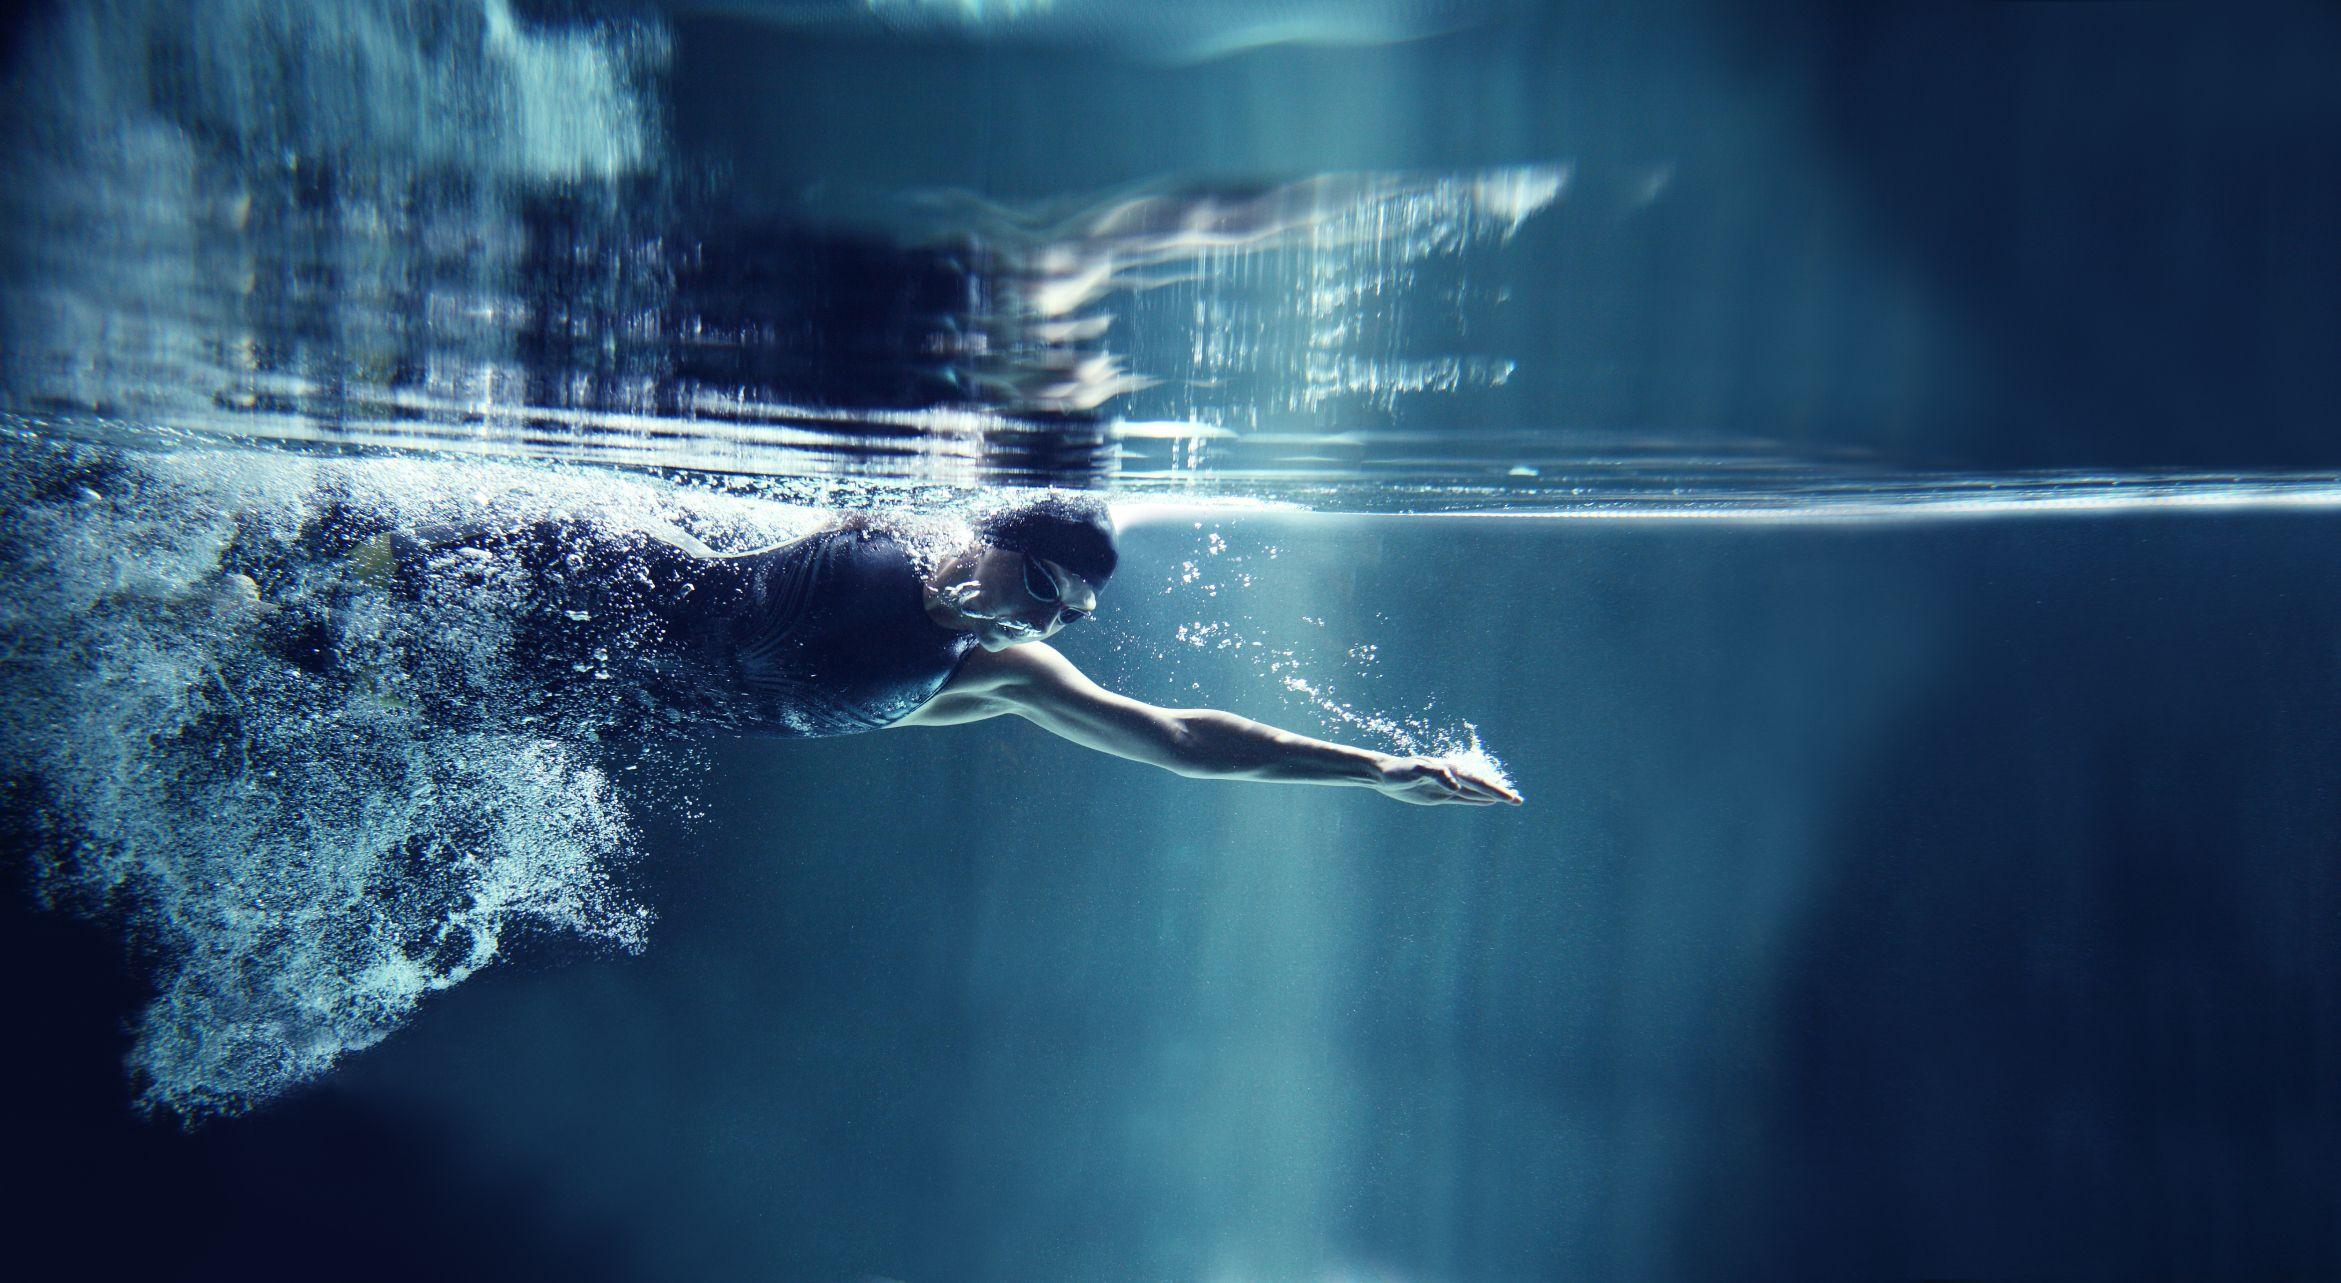 swimmer underwater | Swimmers